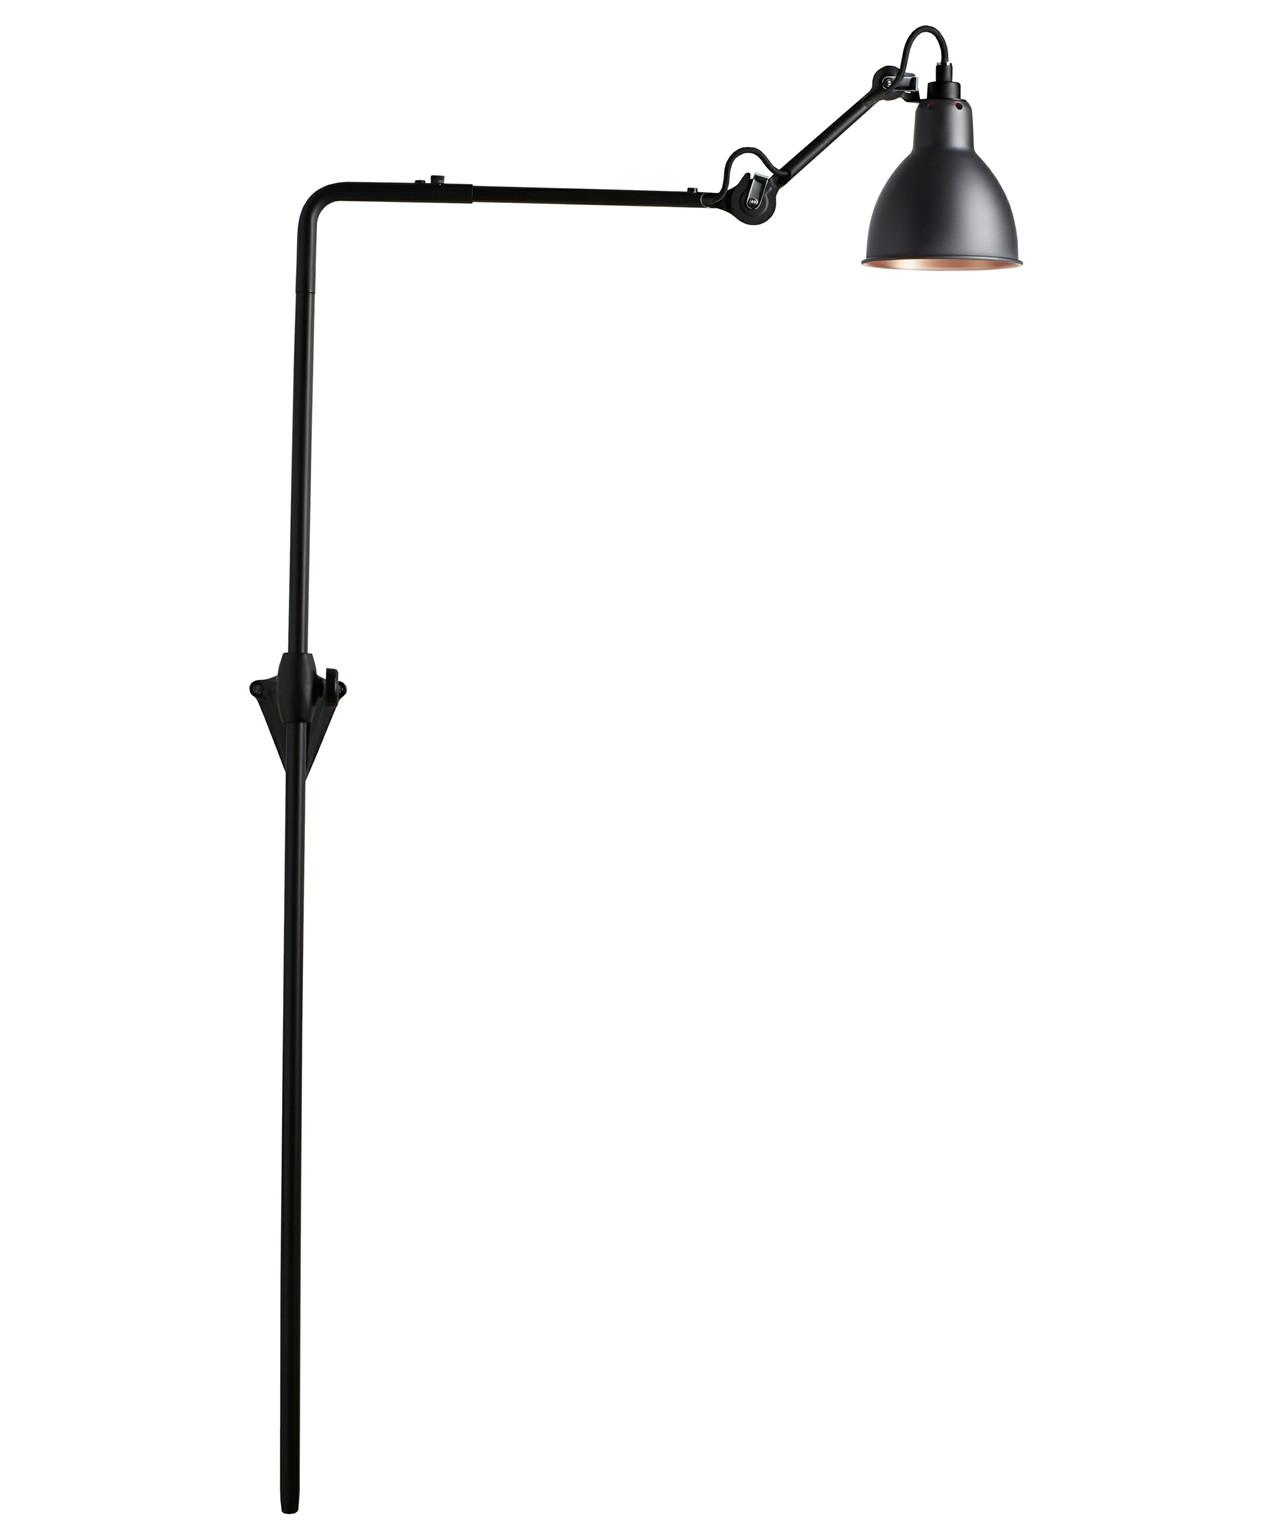 Image of   216 Væglampe Sort/Sort/Kobber - Lampe Gras